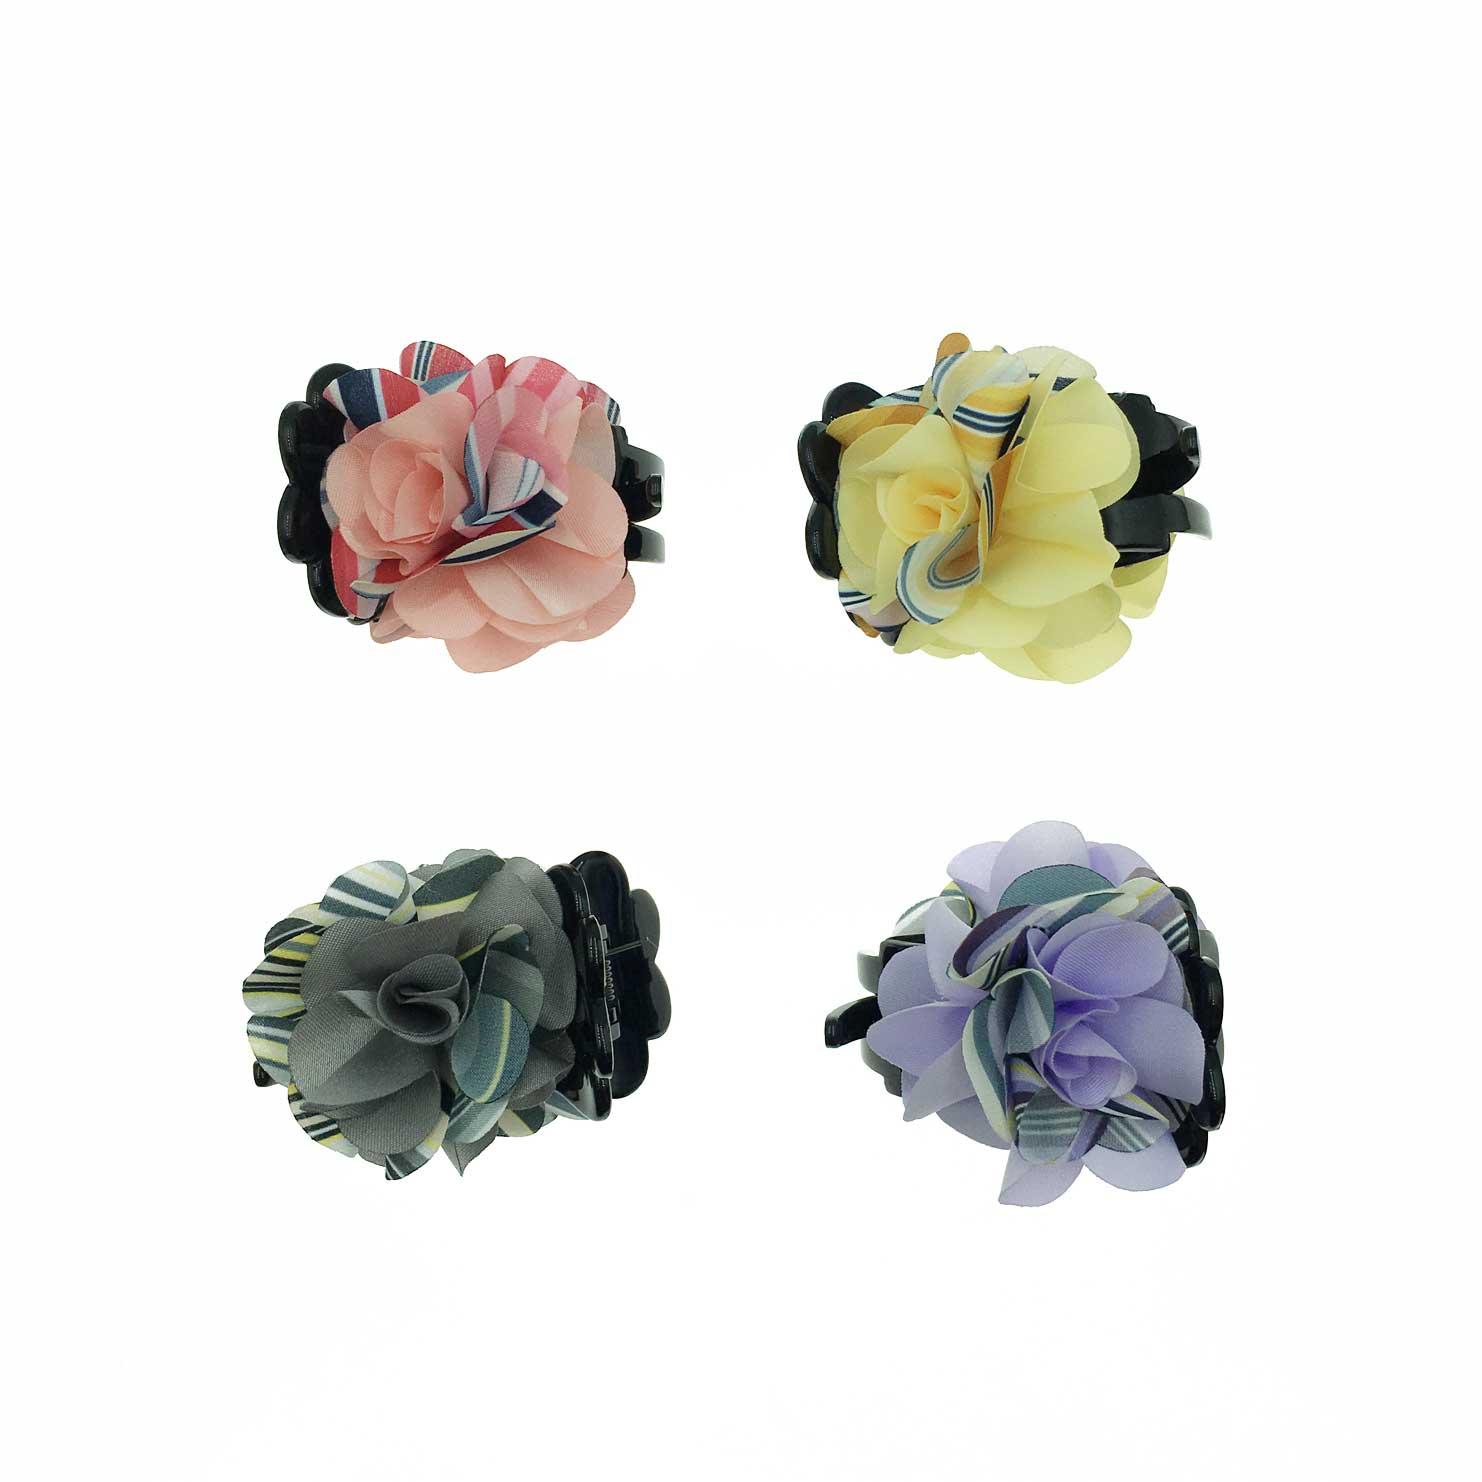 韓國 花卉系 撞色 線條小碎花 復古感 4色 鯊魚夾三爪夾